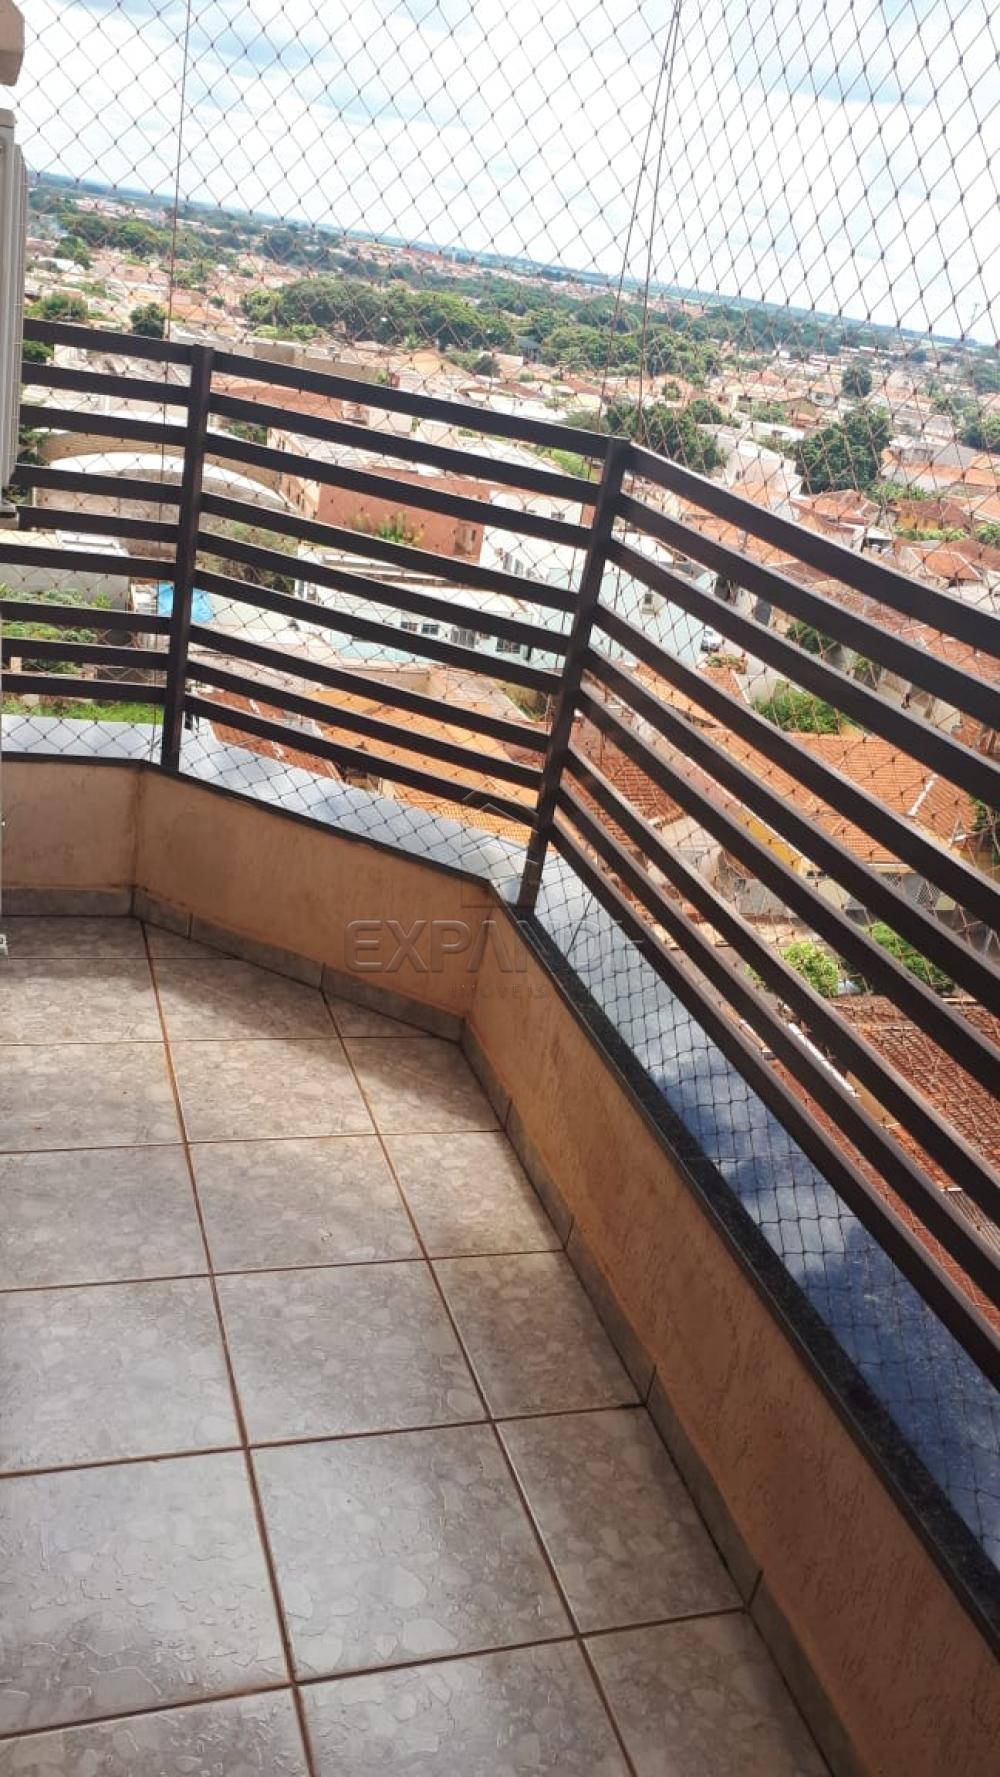 Comprar Apartamentos / Padrão em Sertãozinho R$ 380.000,00 - Foto 13